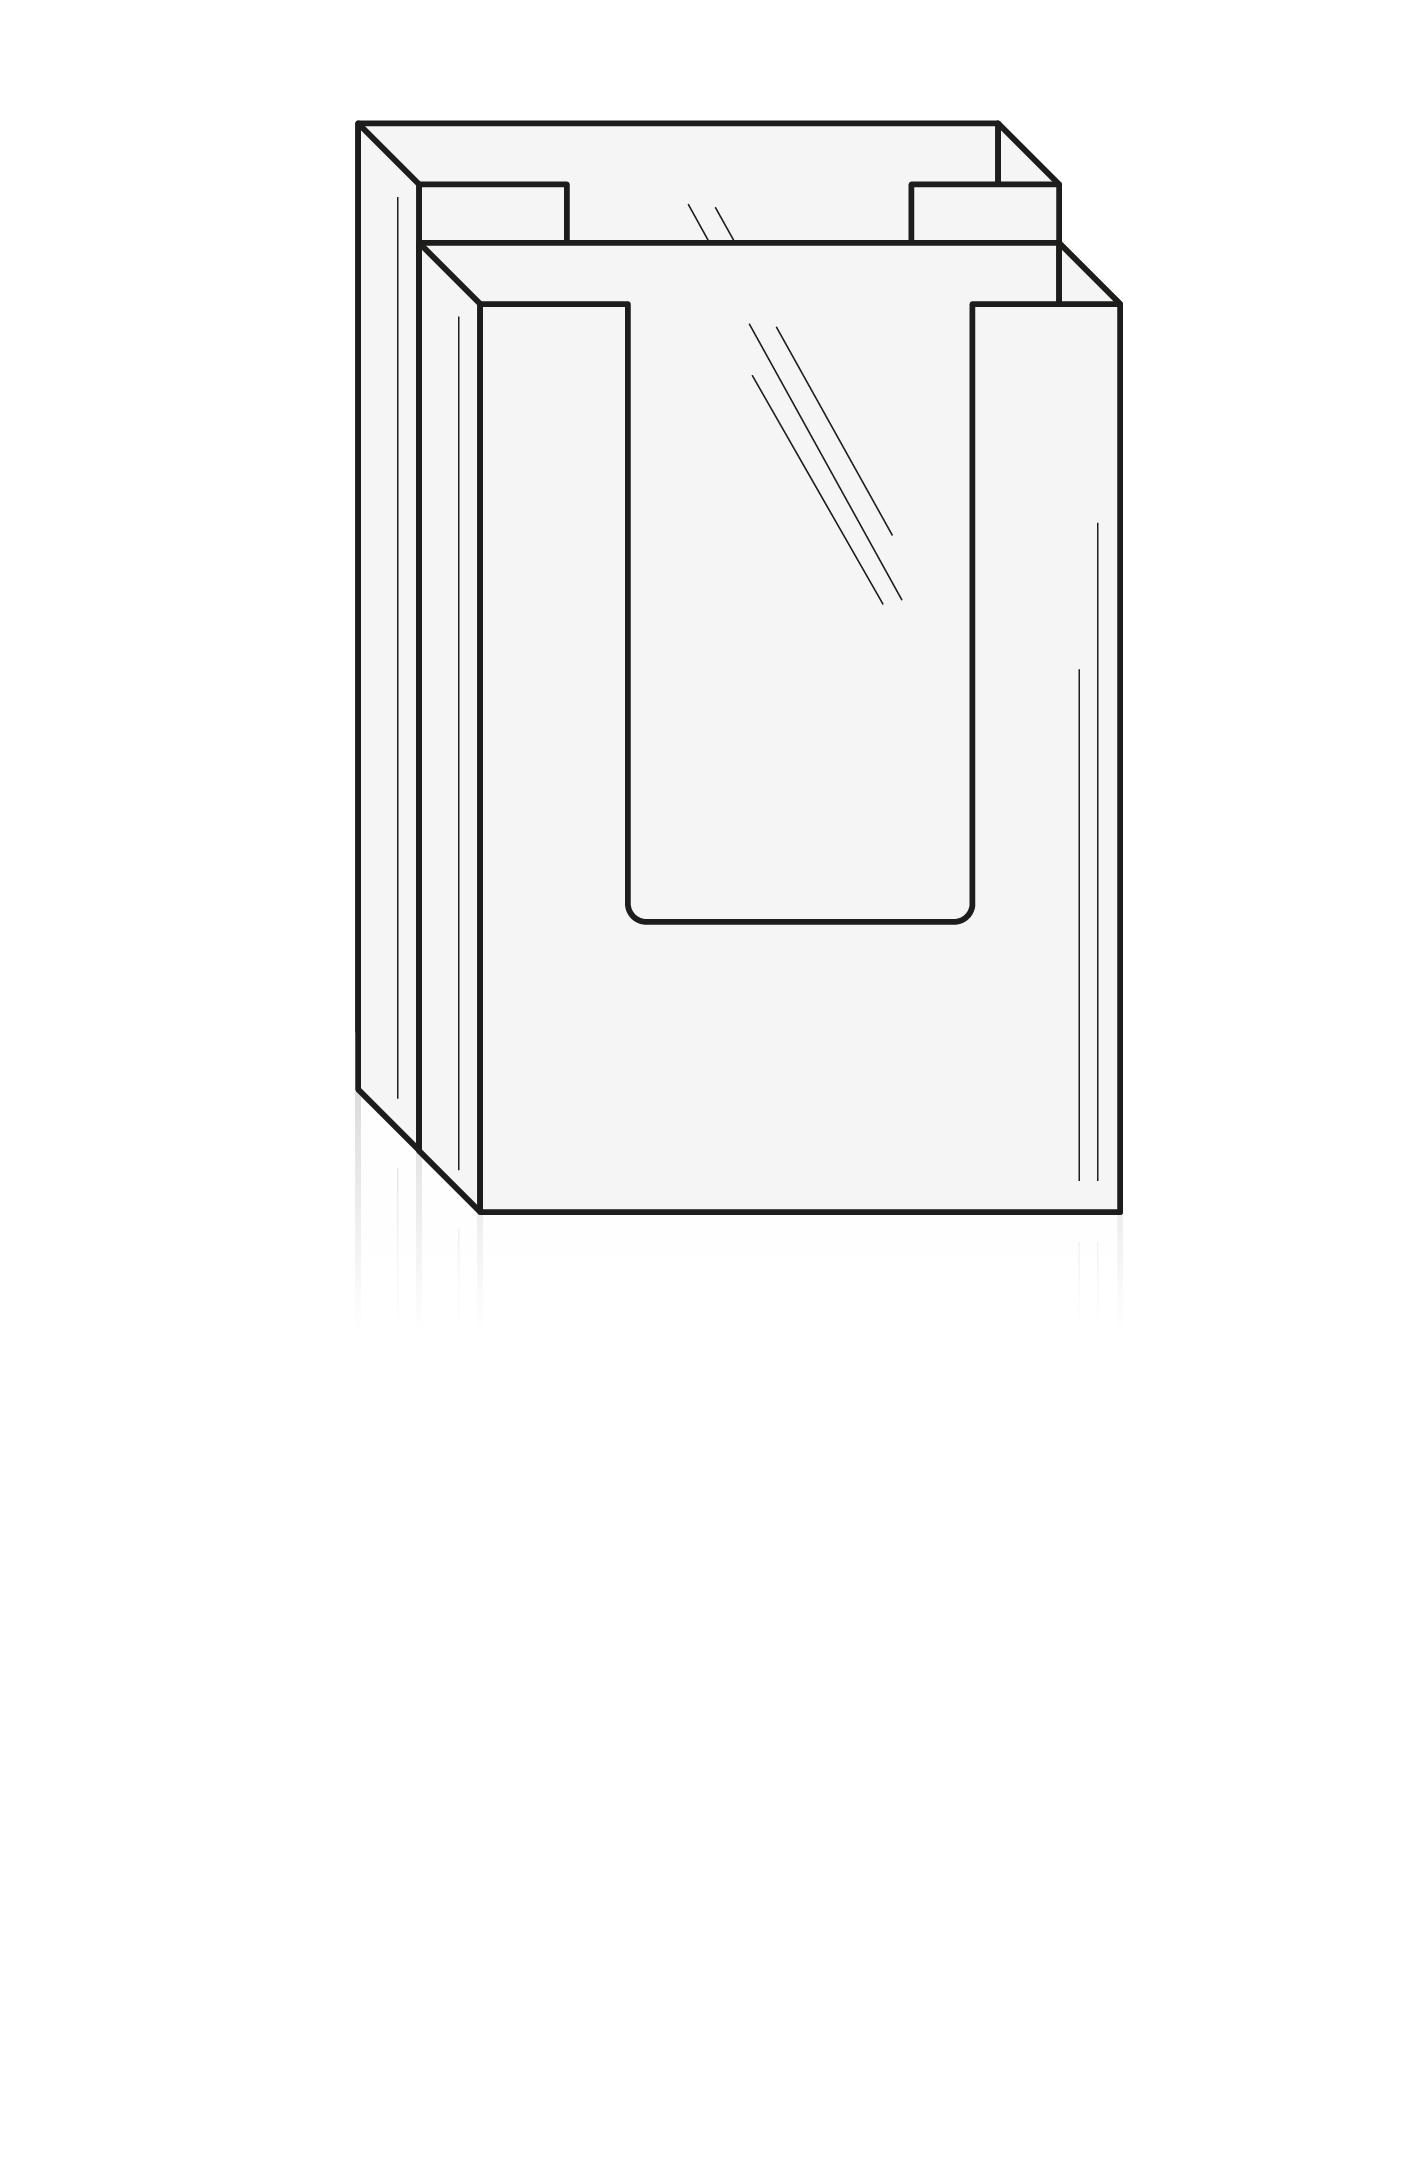 Brochureholder A5 - 2 rums